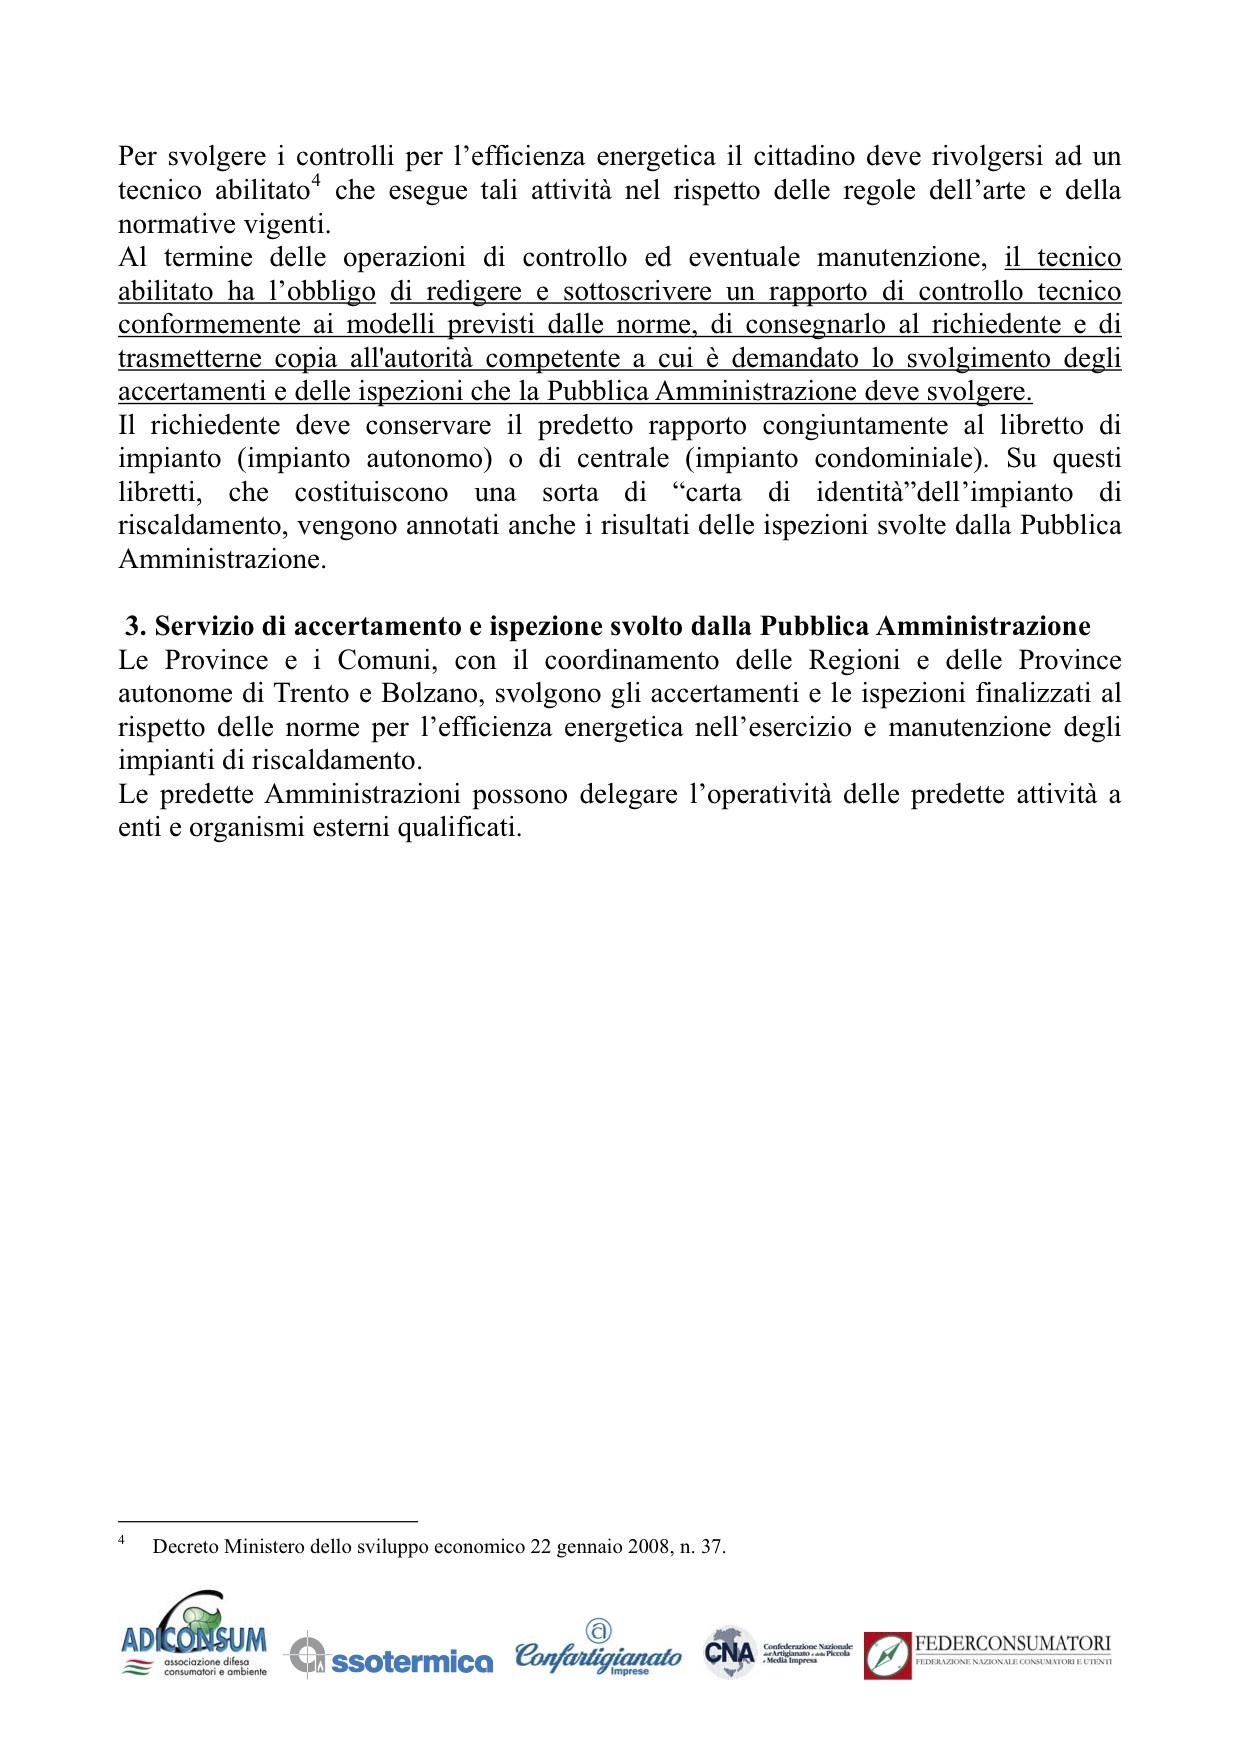 Efficienza_impianti_riscaldamento_VADEMECUM3